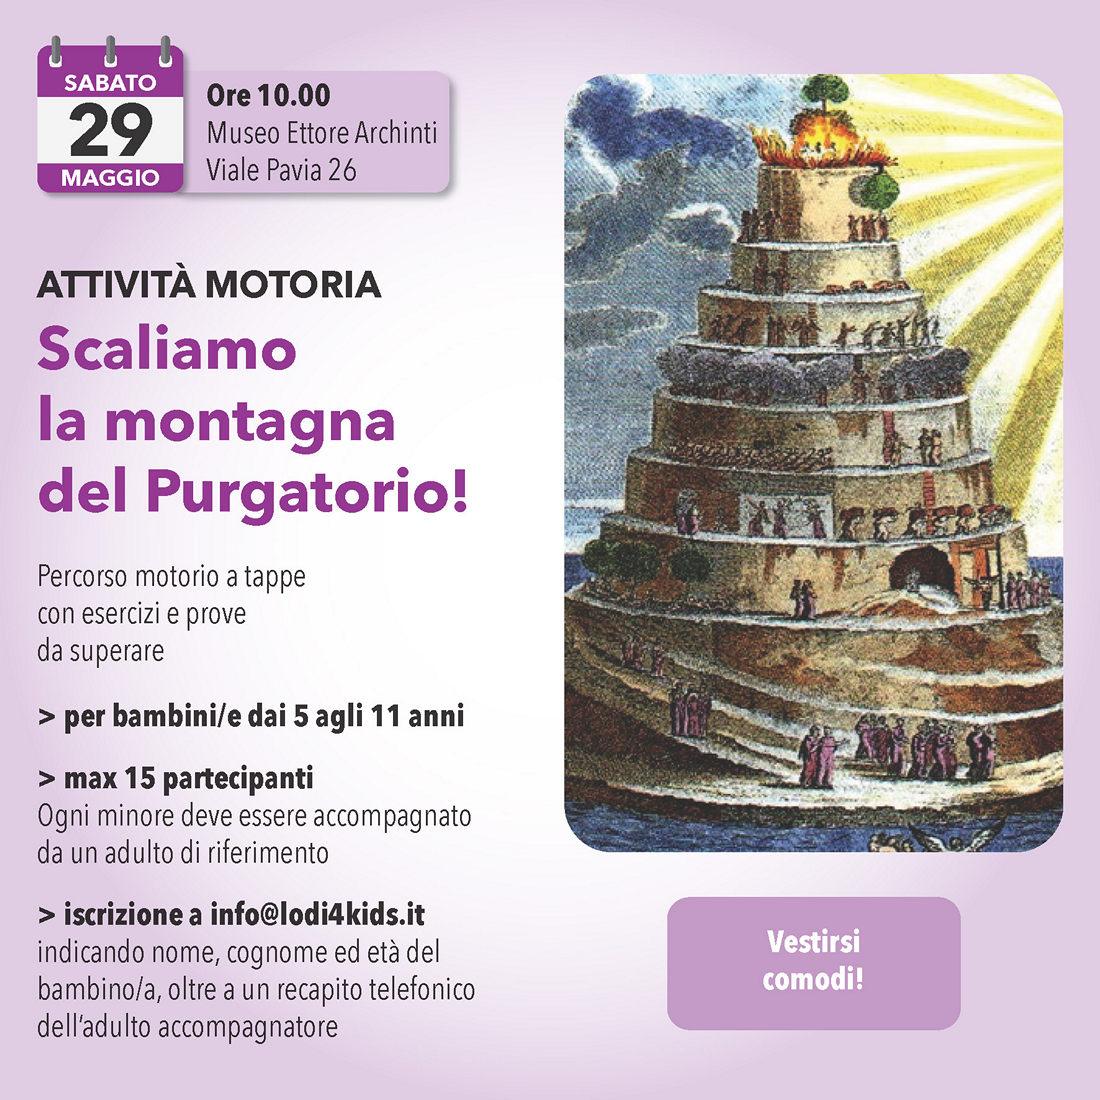 29 maggio : Scaliamo la montagna del Purgatorio